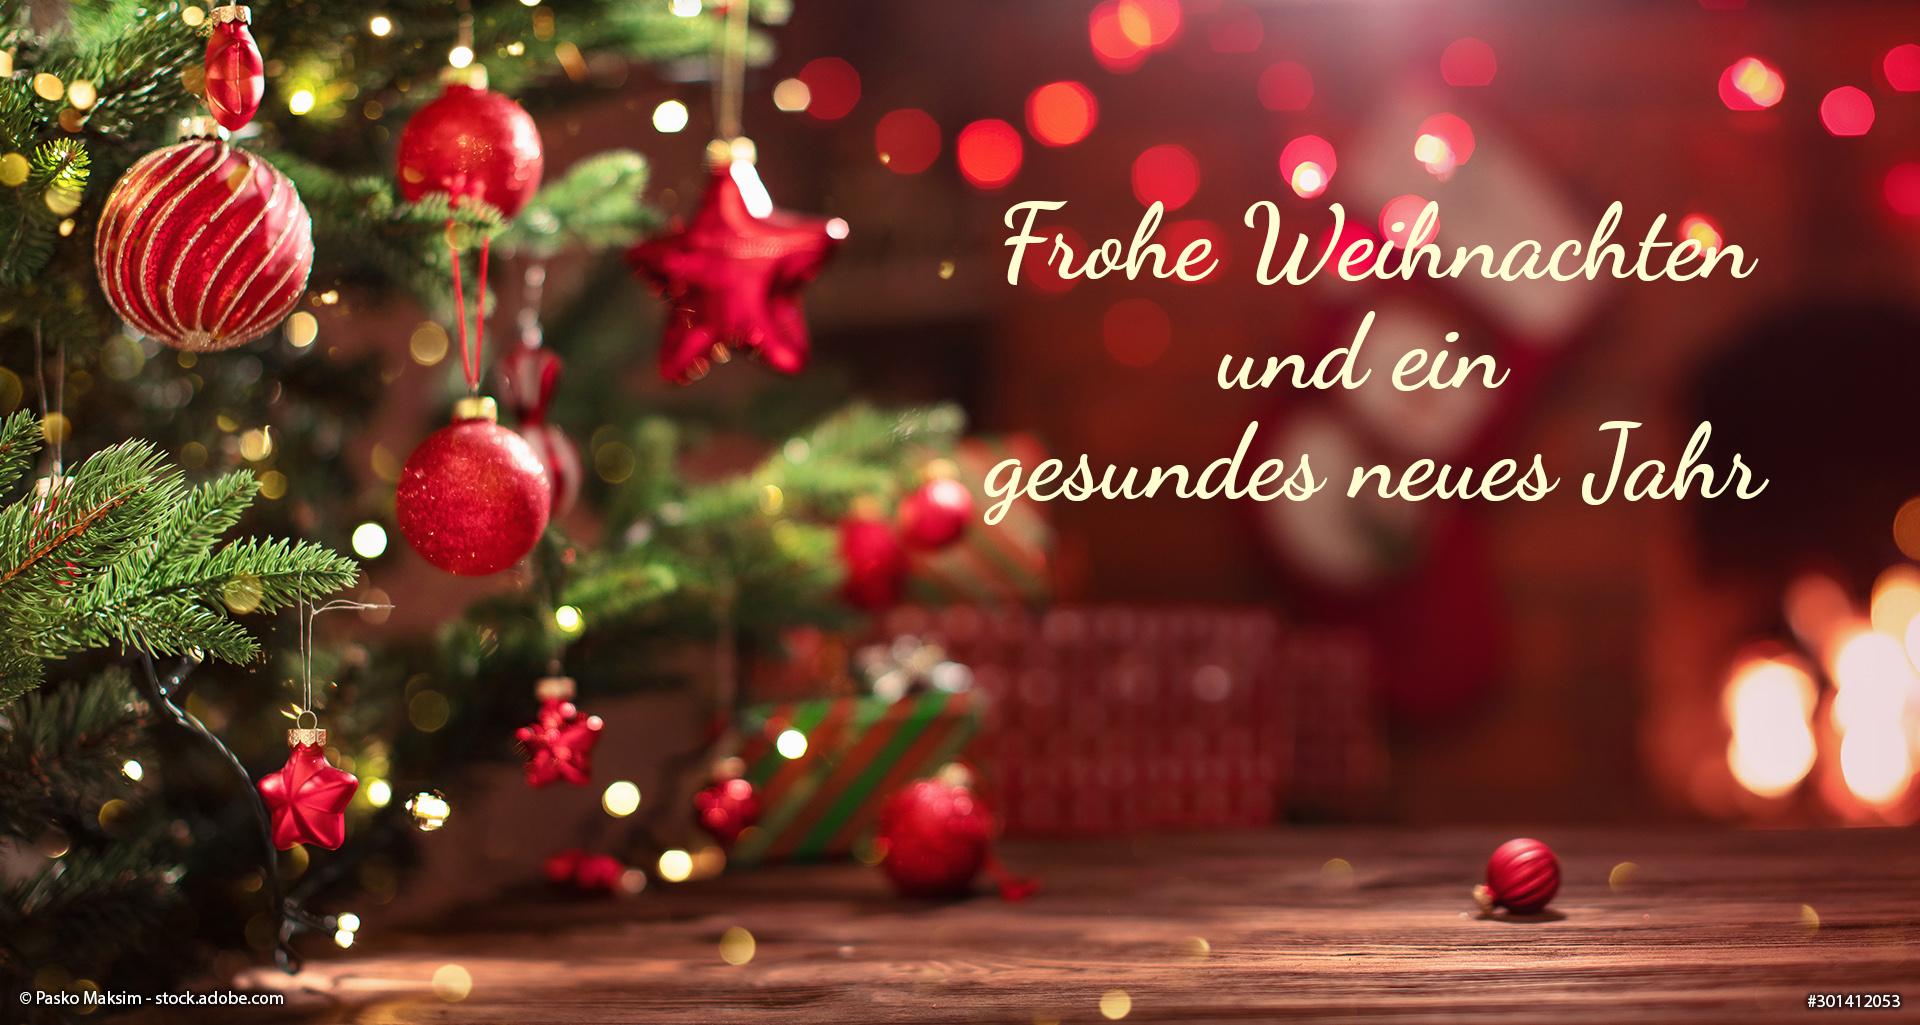 Eine besinnliche Weihnachtszeit und ein gesundes neues Jahr